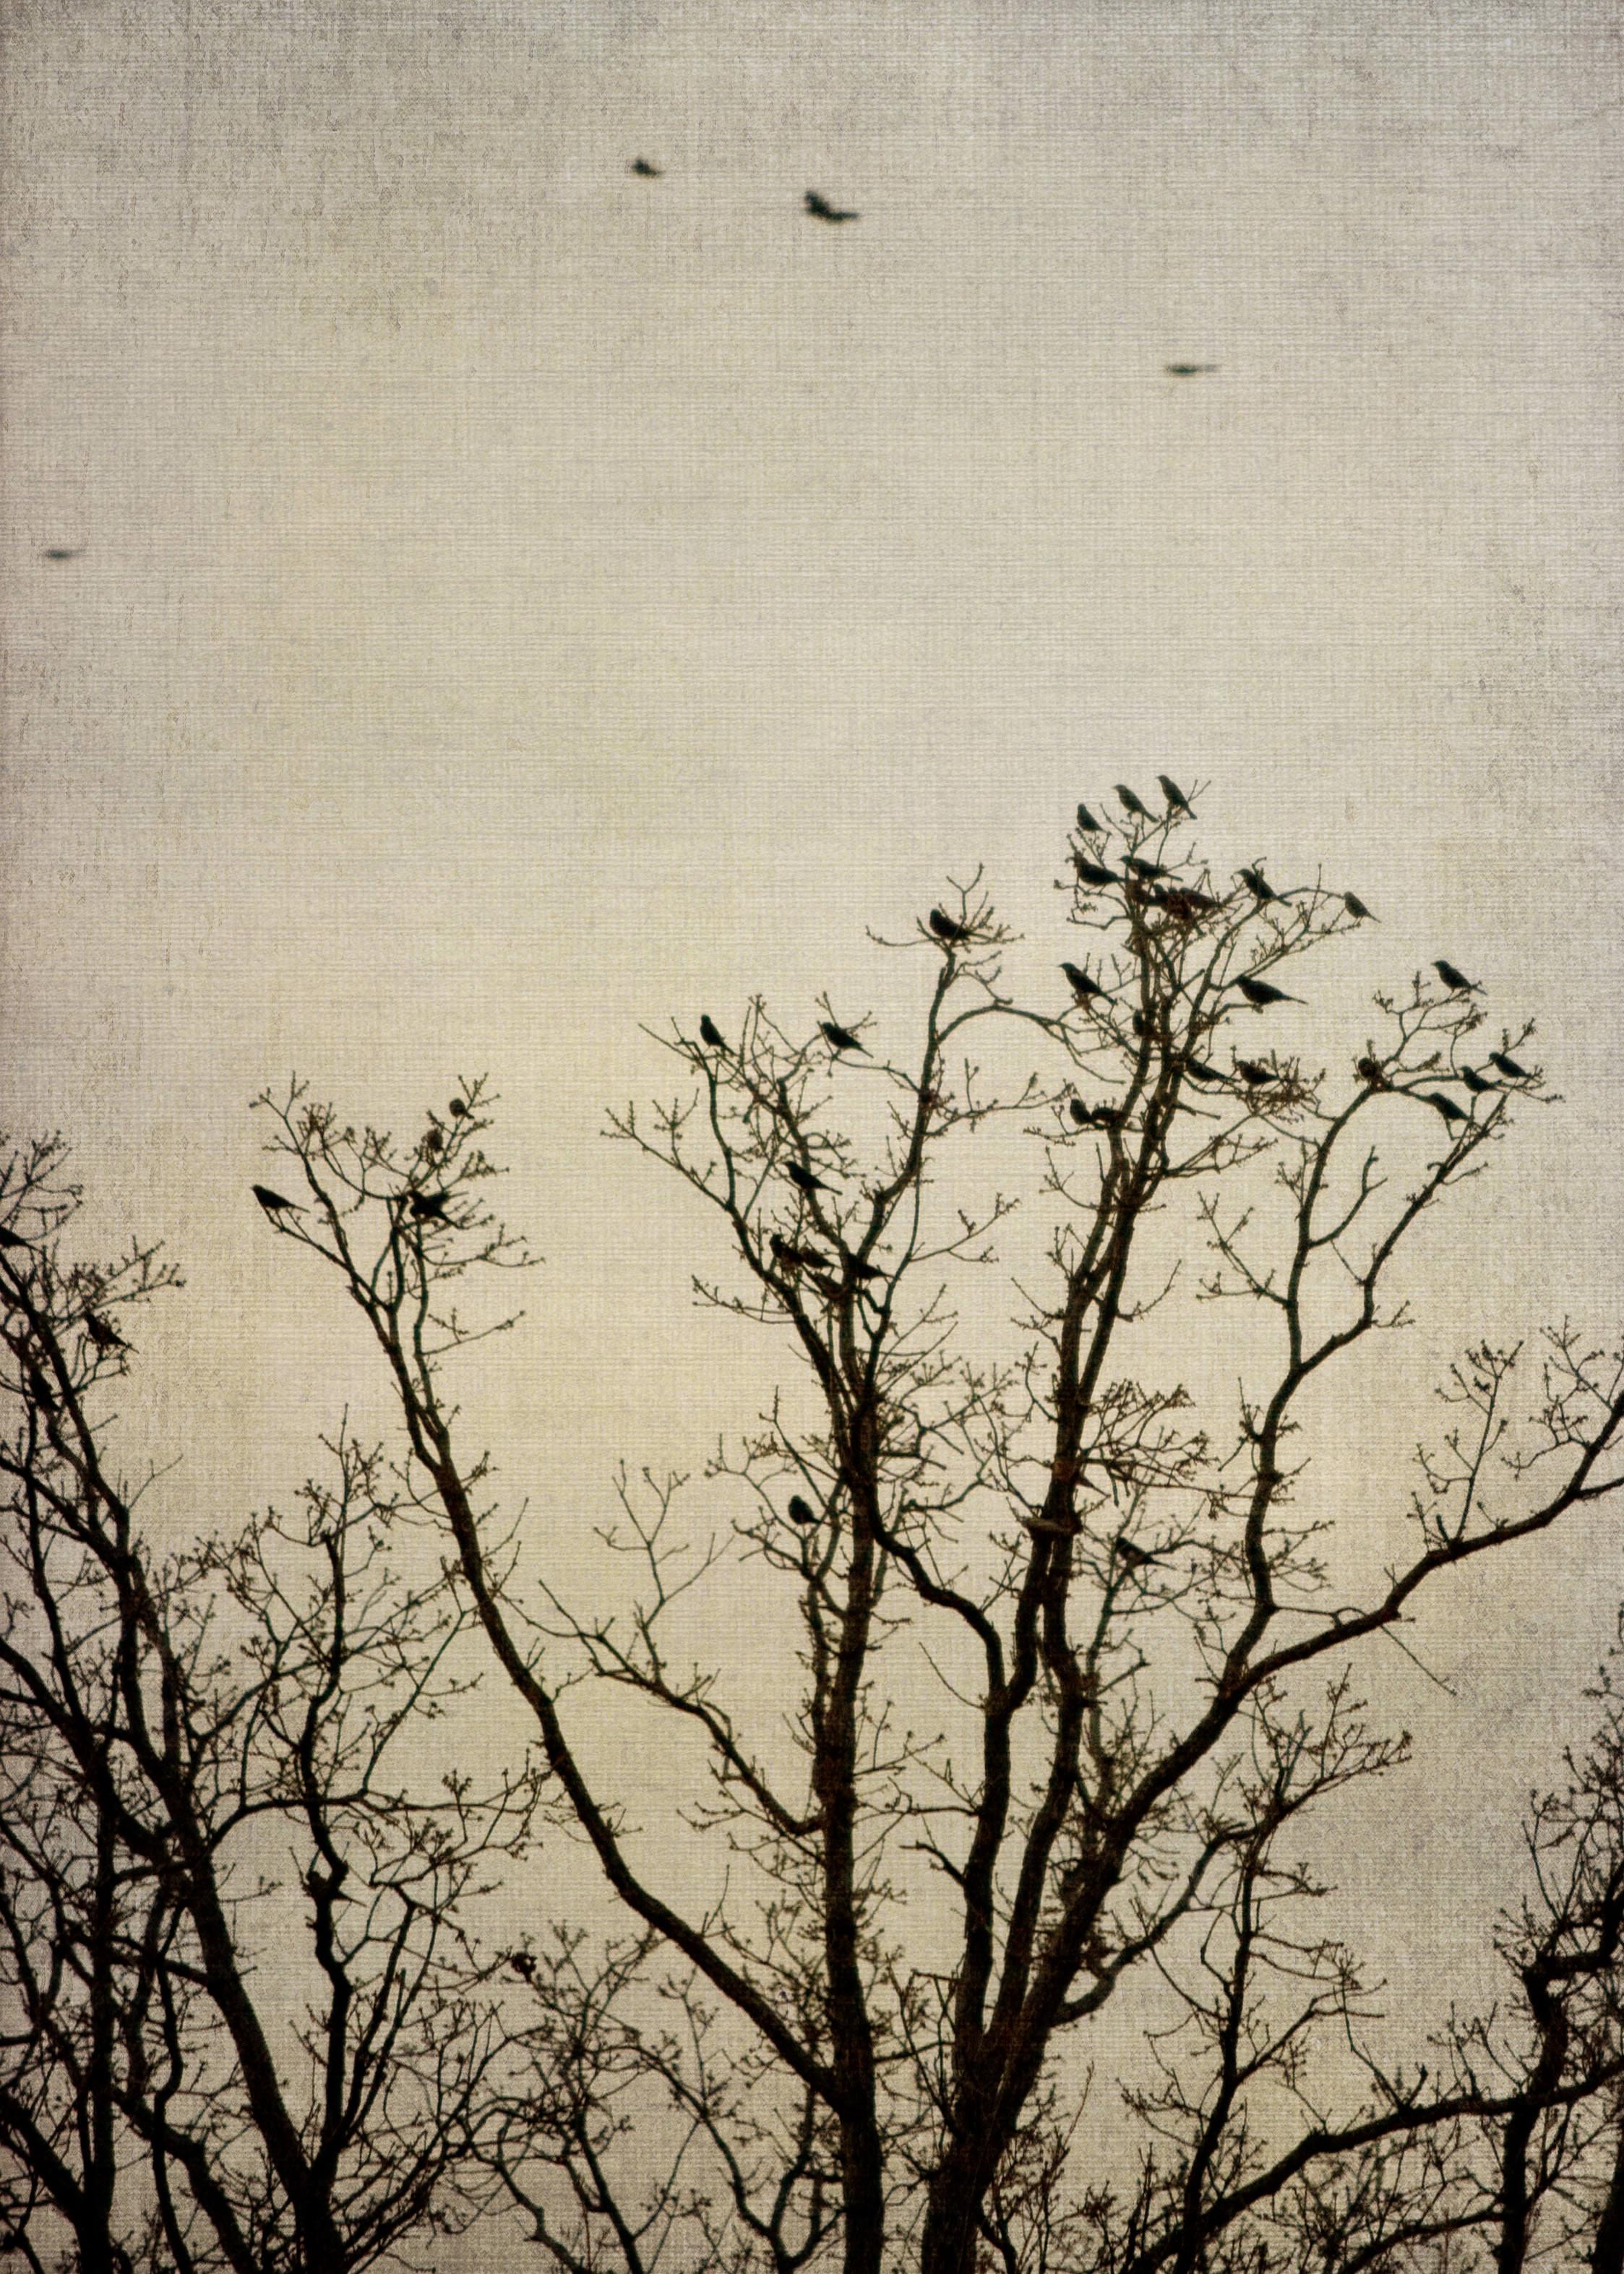 birds_at_dusk_04-7x5-7091.jpg